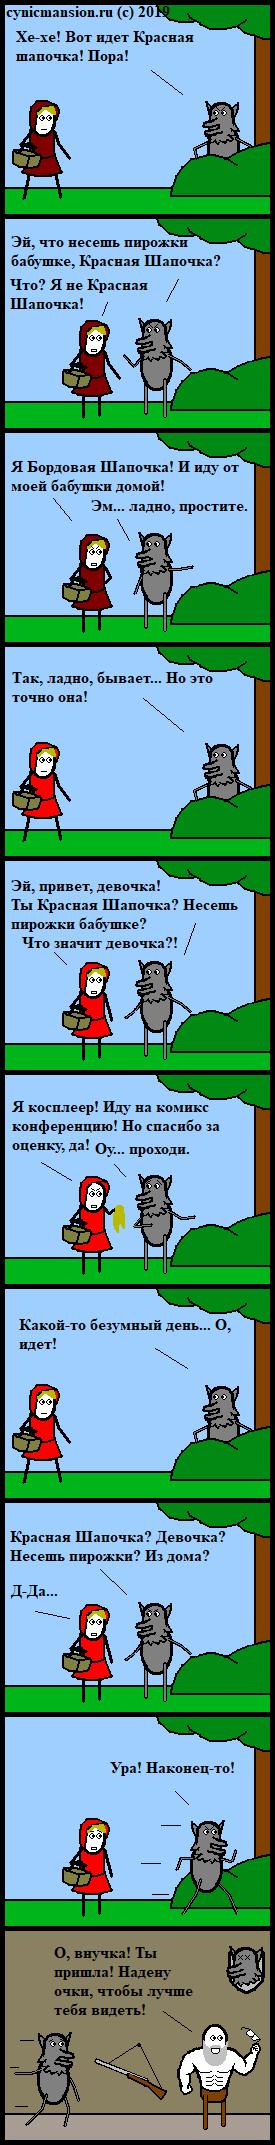 Волчье Cynicmansion, Комиксы, Сказка, Красная шапочка, Волк, Длиннопост